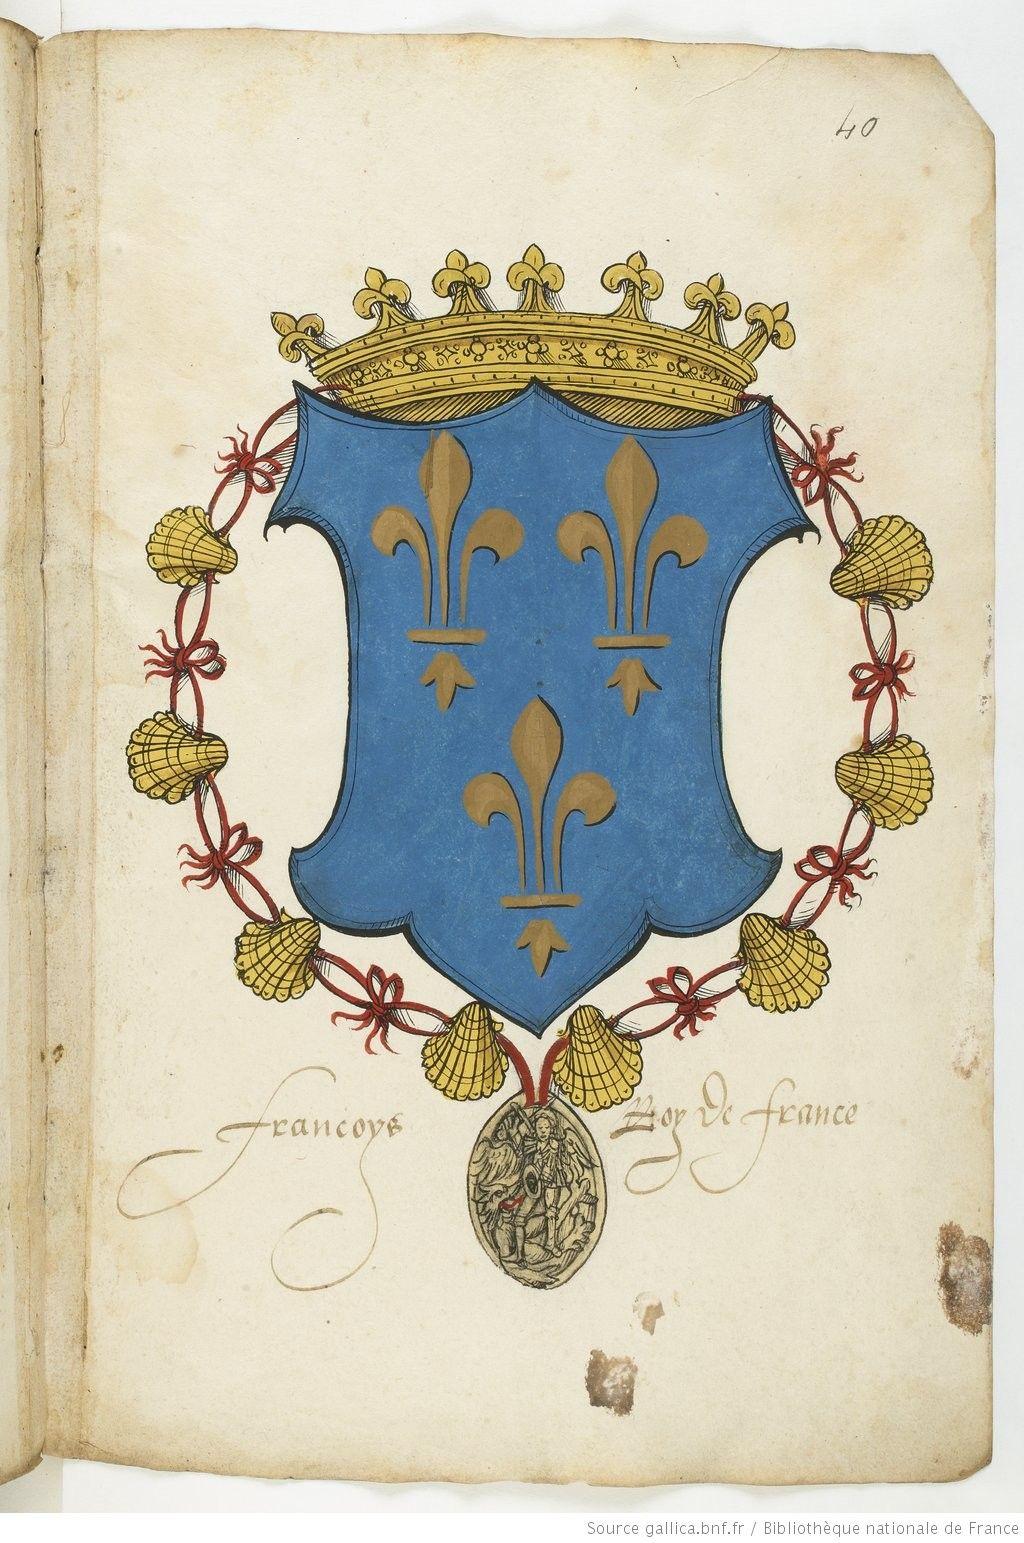 Armorial Colorie De La Maison De Savoie Et De Ses Alliances Depuis Berold Comte De Maurienne Jusqu Aux Enfants Roi De France Amour Courtois Maison De Savoie